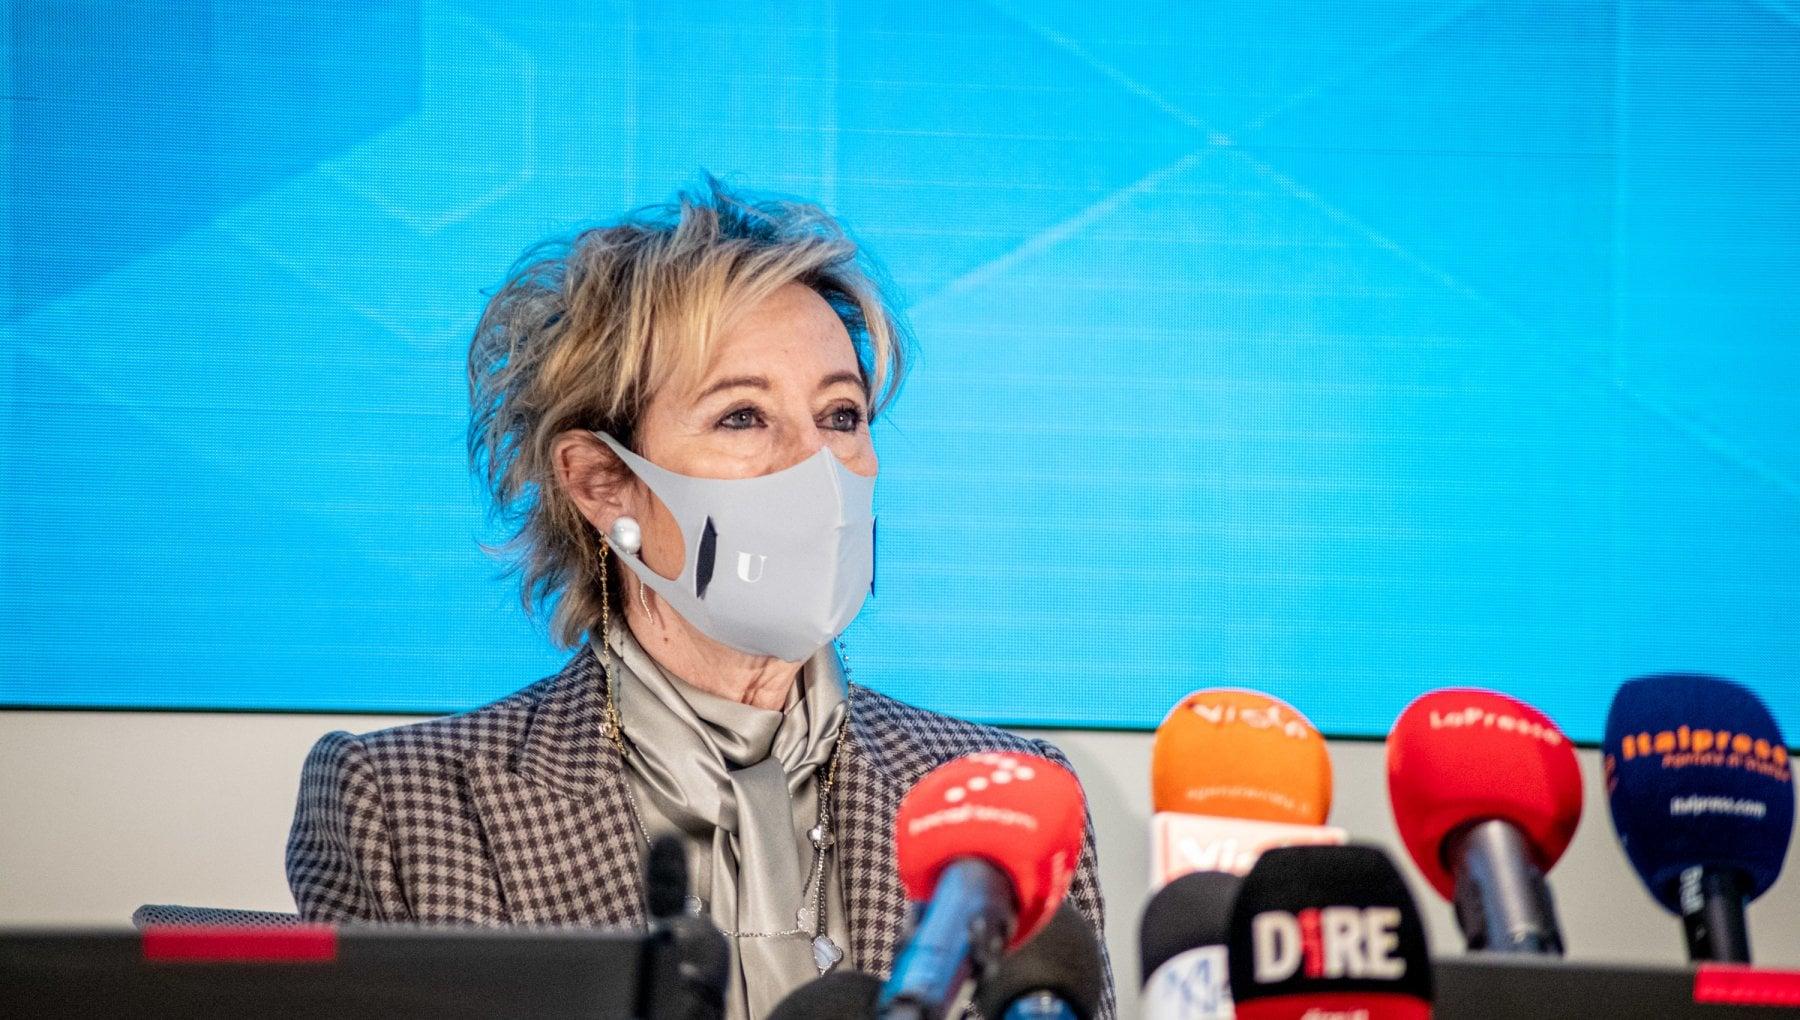 Vaccini anti Covid Moratti ripartizione anche in base al Pil della Regione